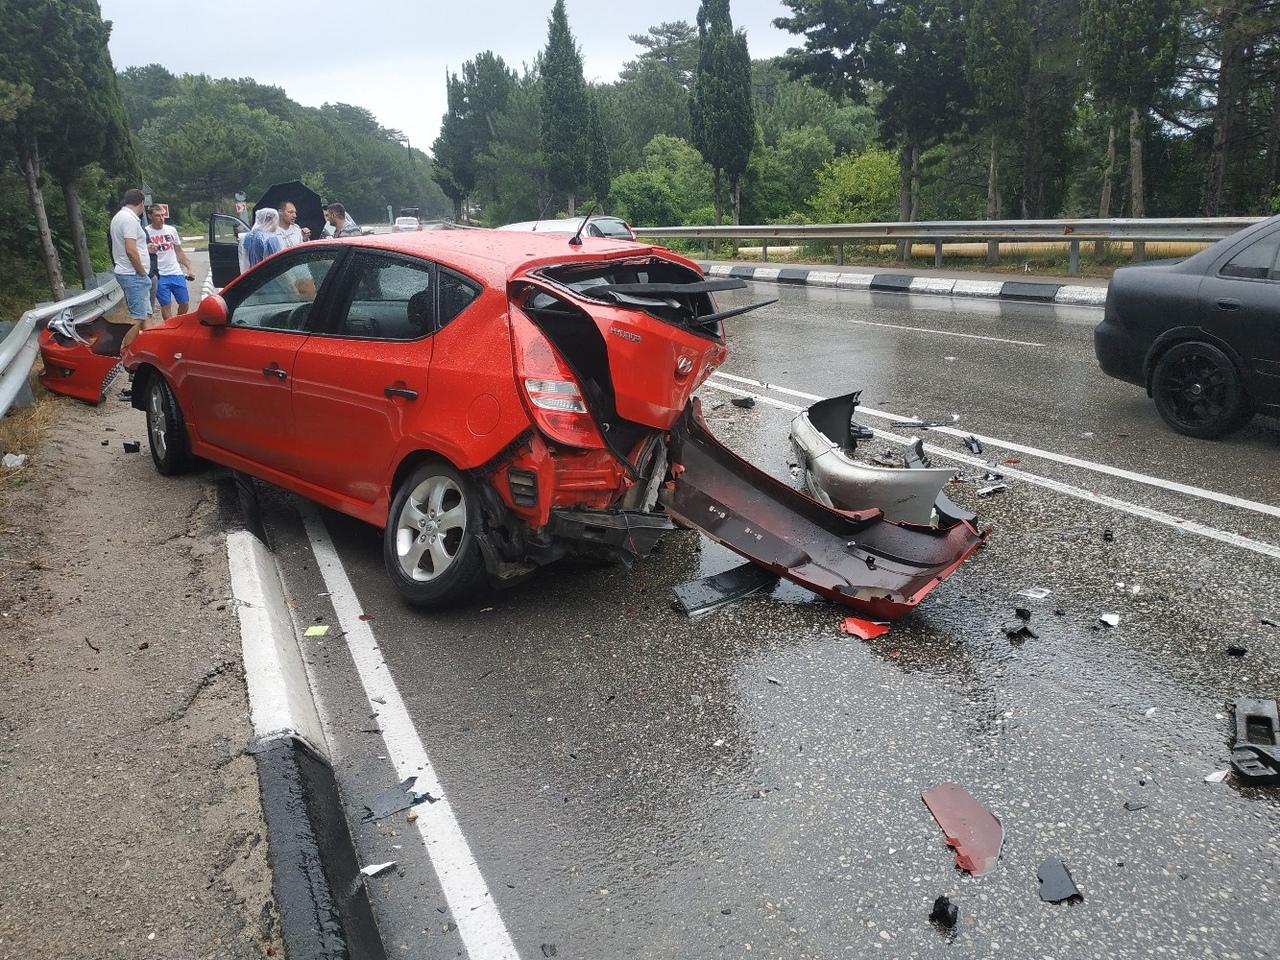 «Всем гонщикам посвящается»: на трассе в Крыму столкнулись два автомобиля